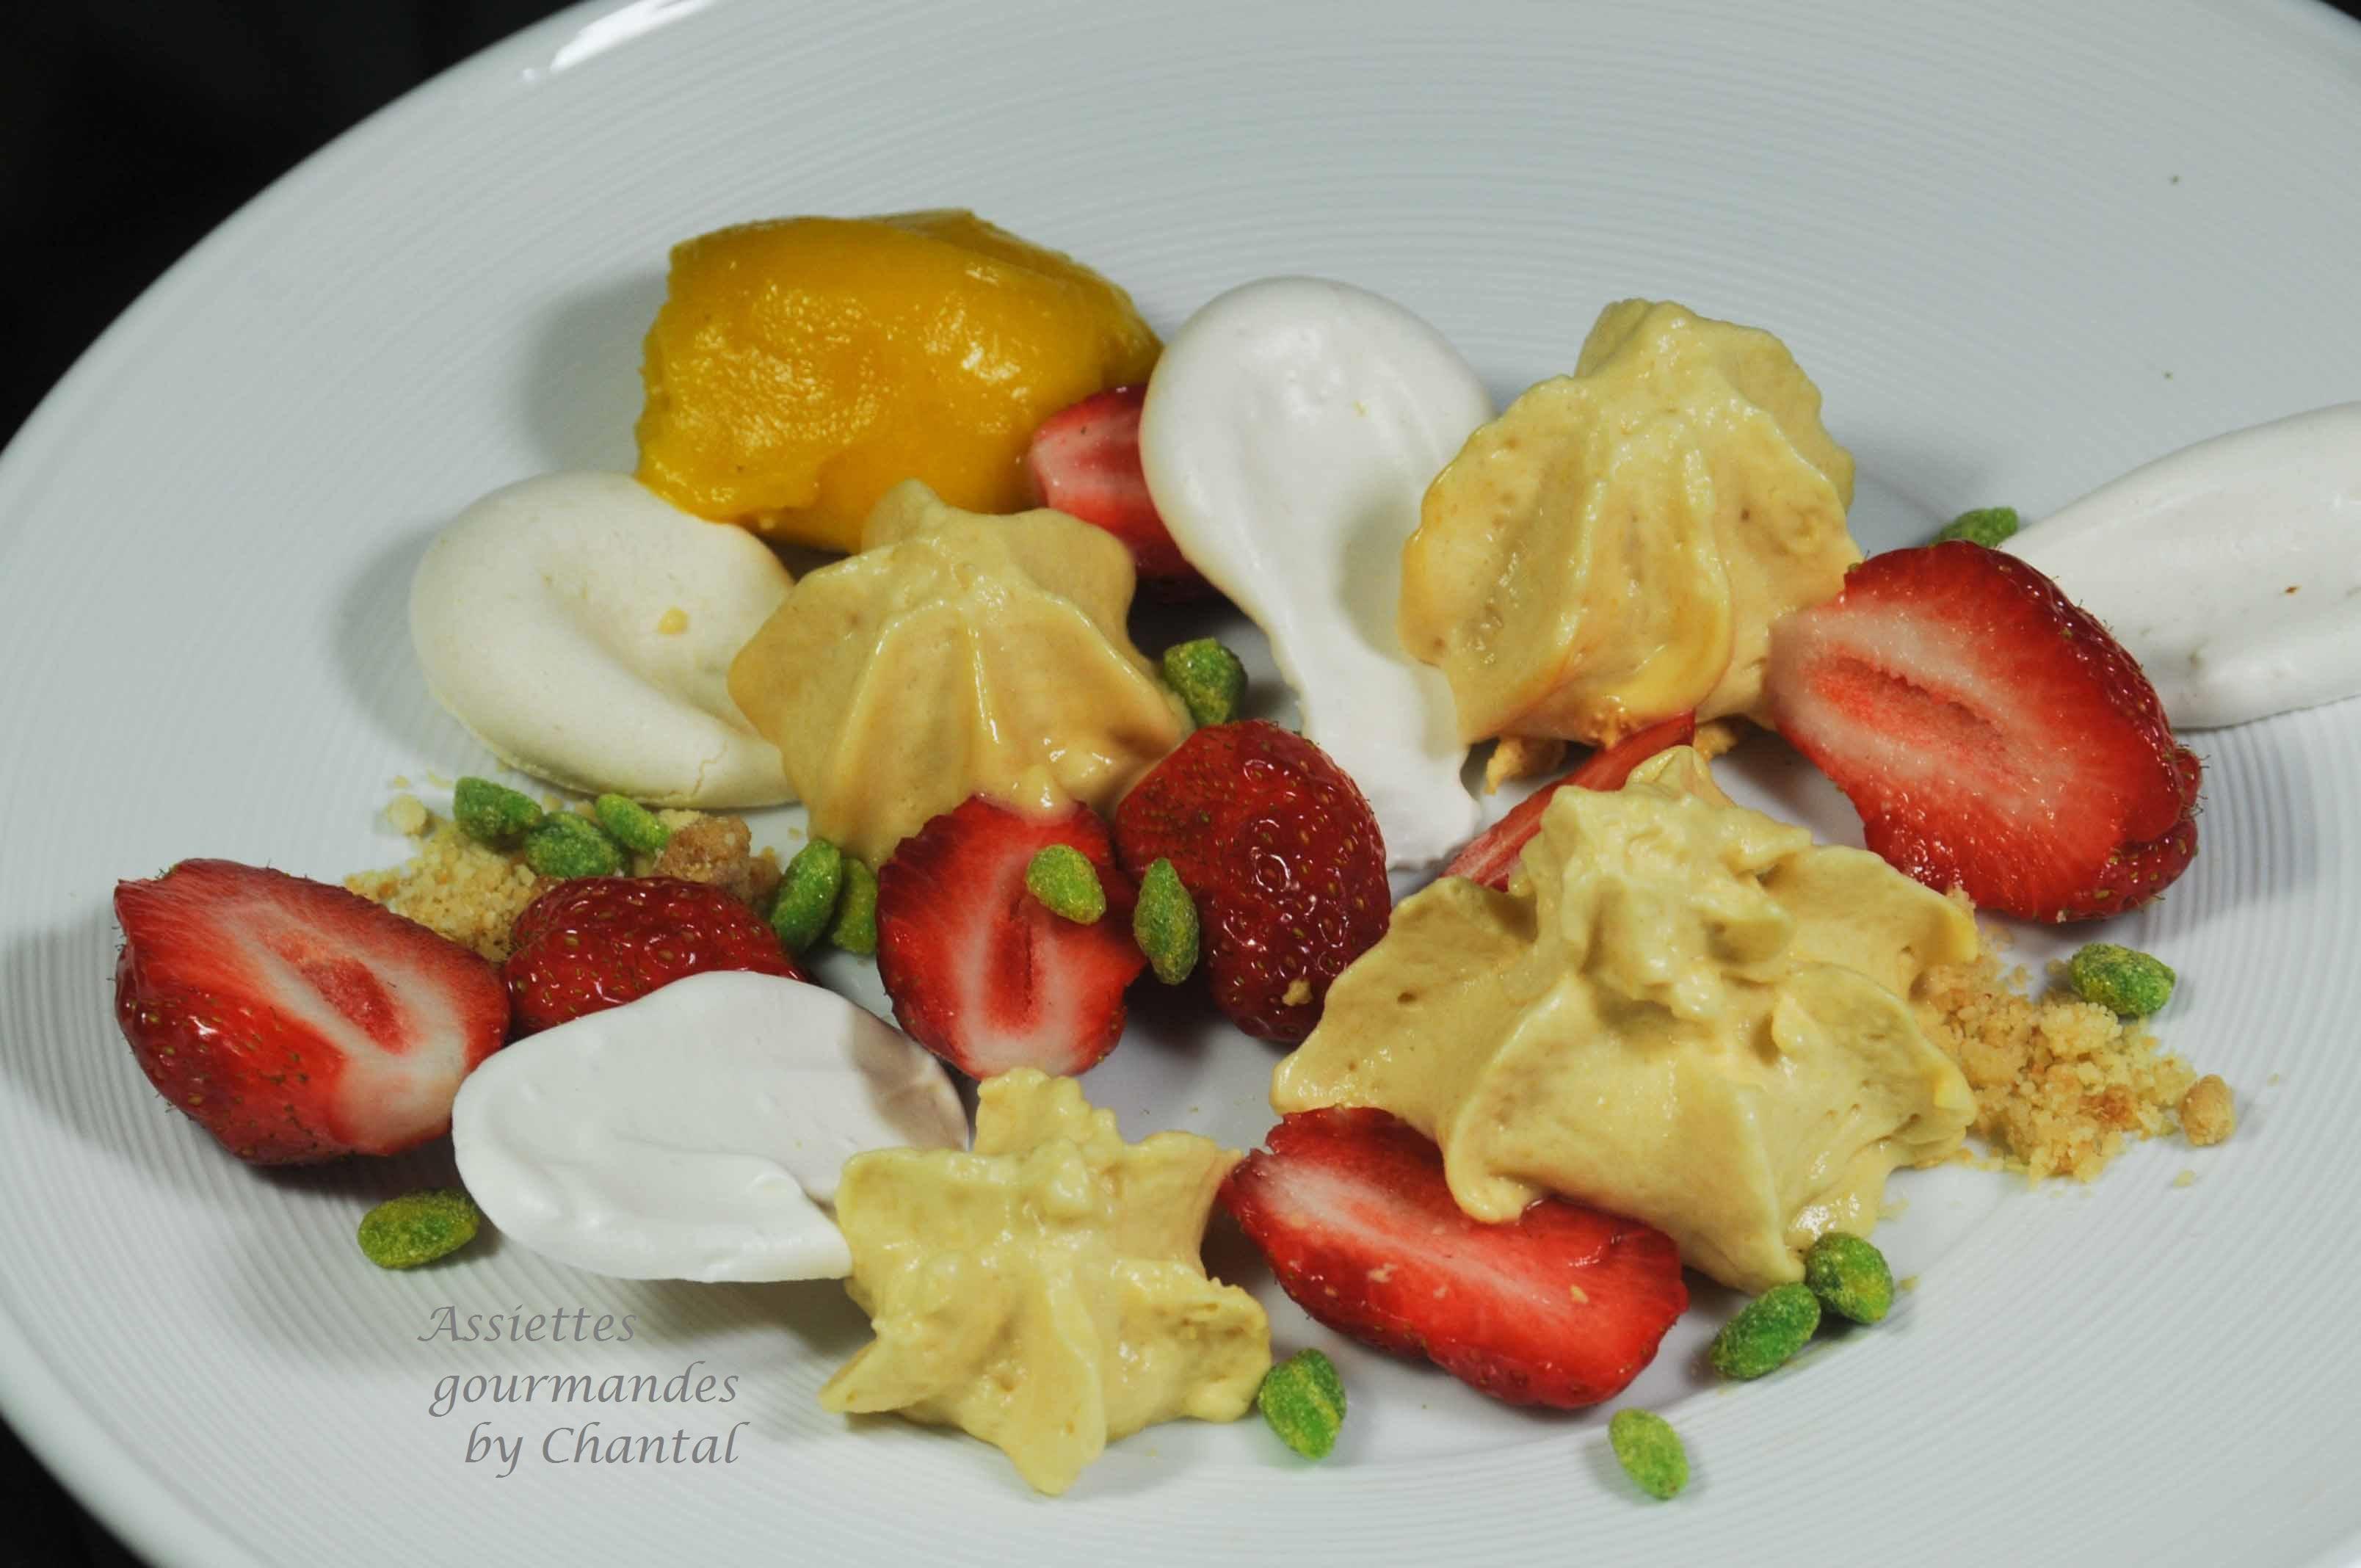 Caramel au beurre salé au siphon, fraises et sorbet poivron